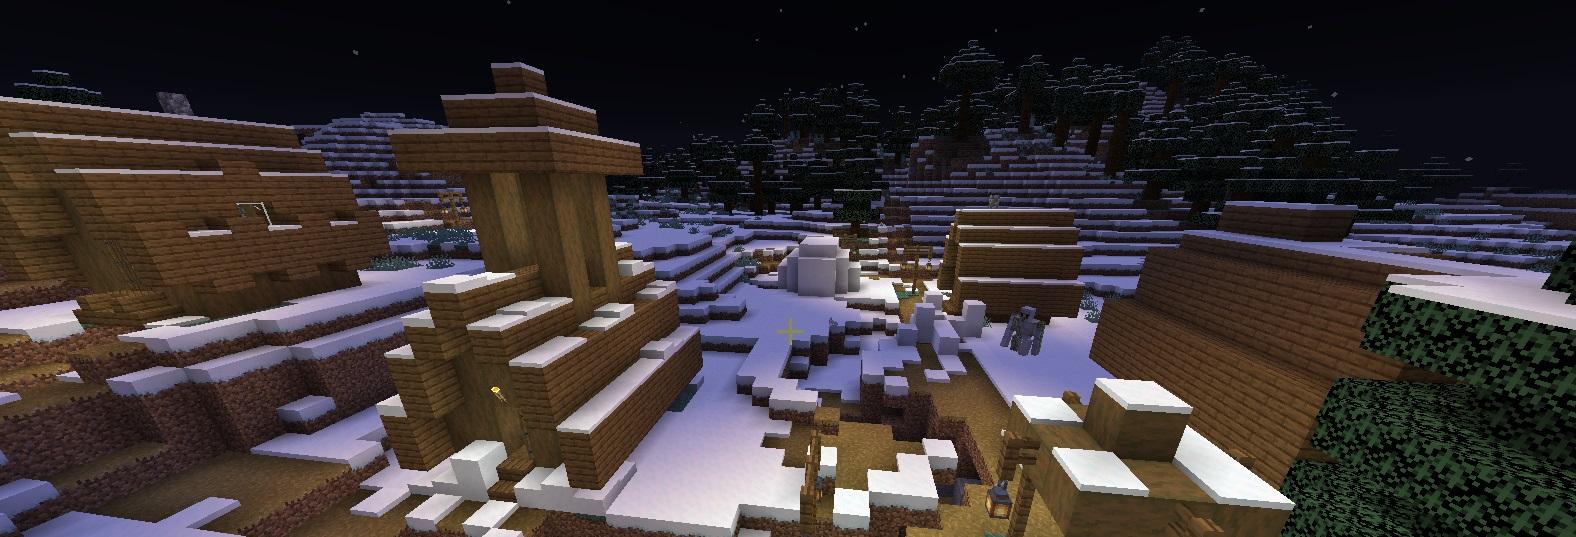 derevnya v snegnom biome